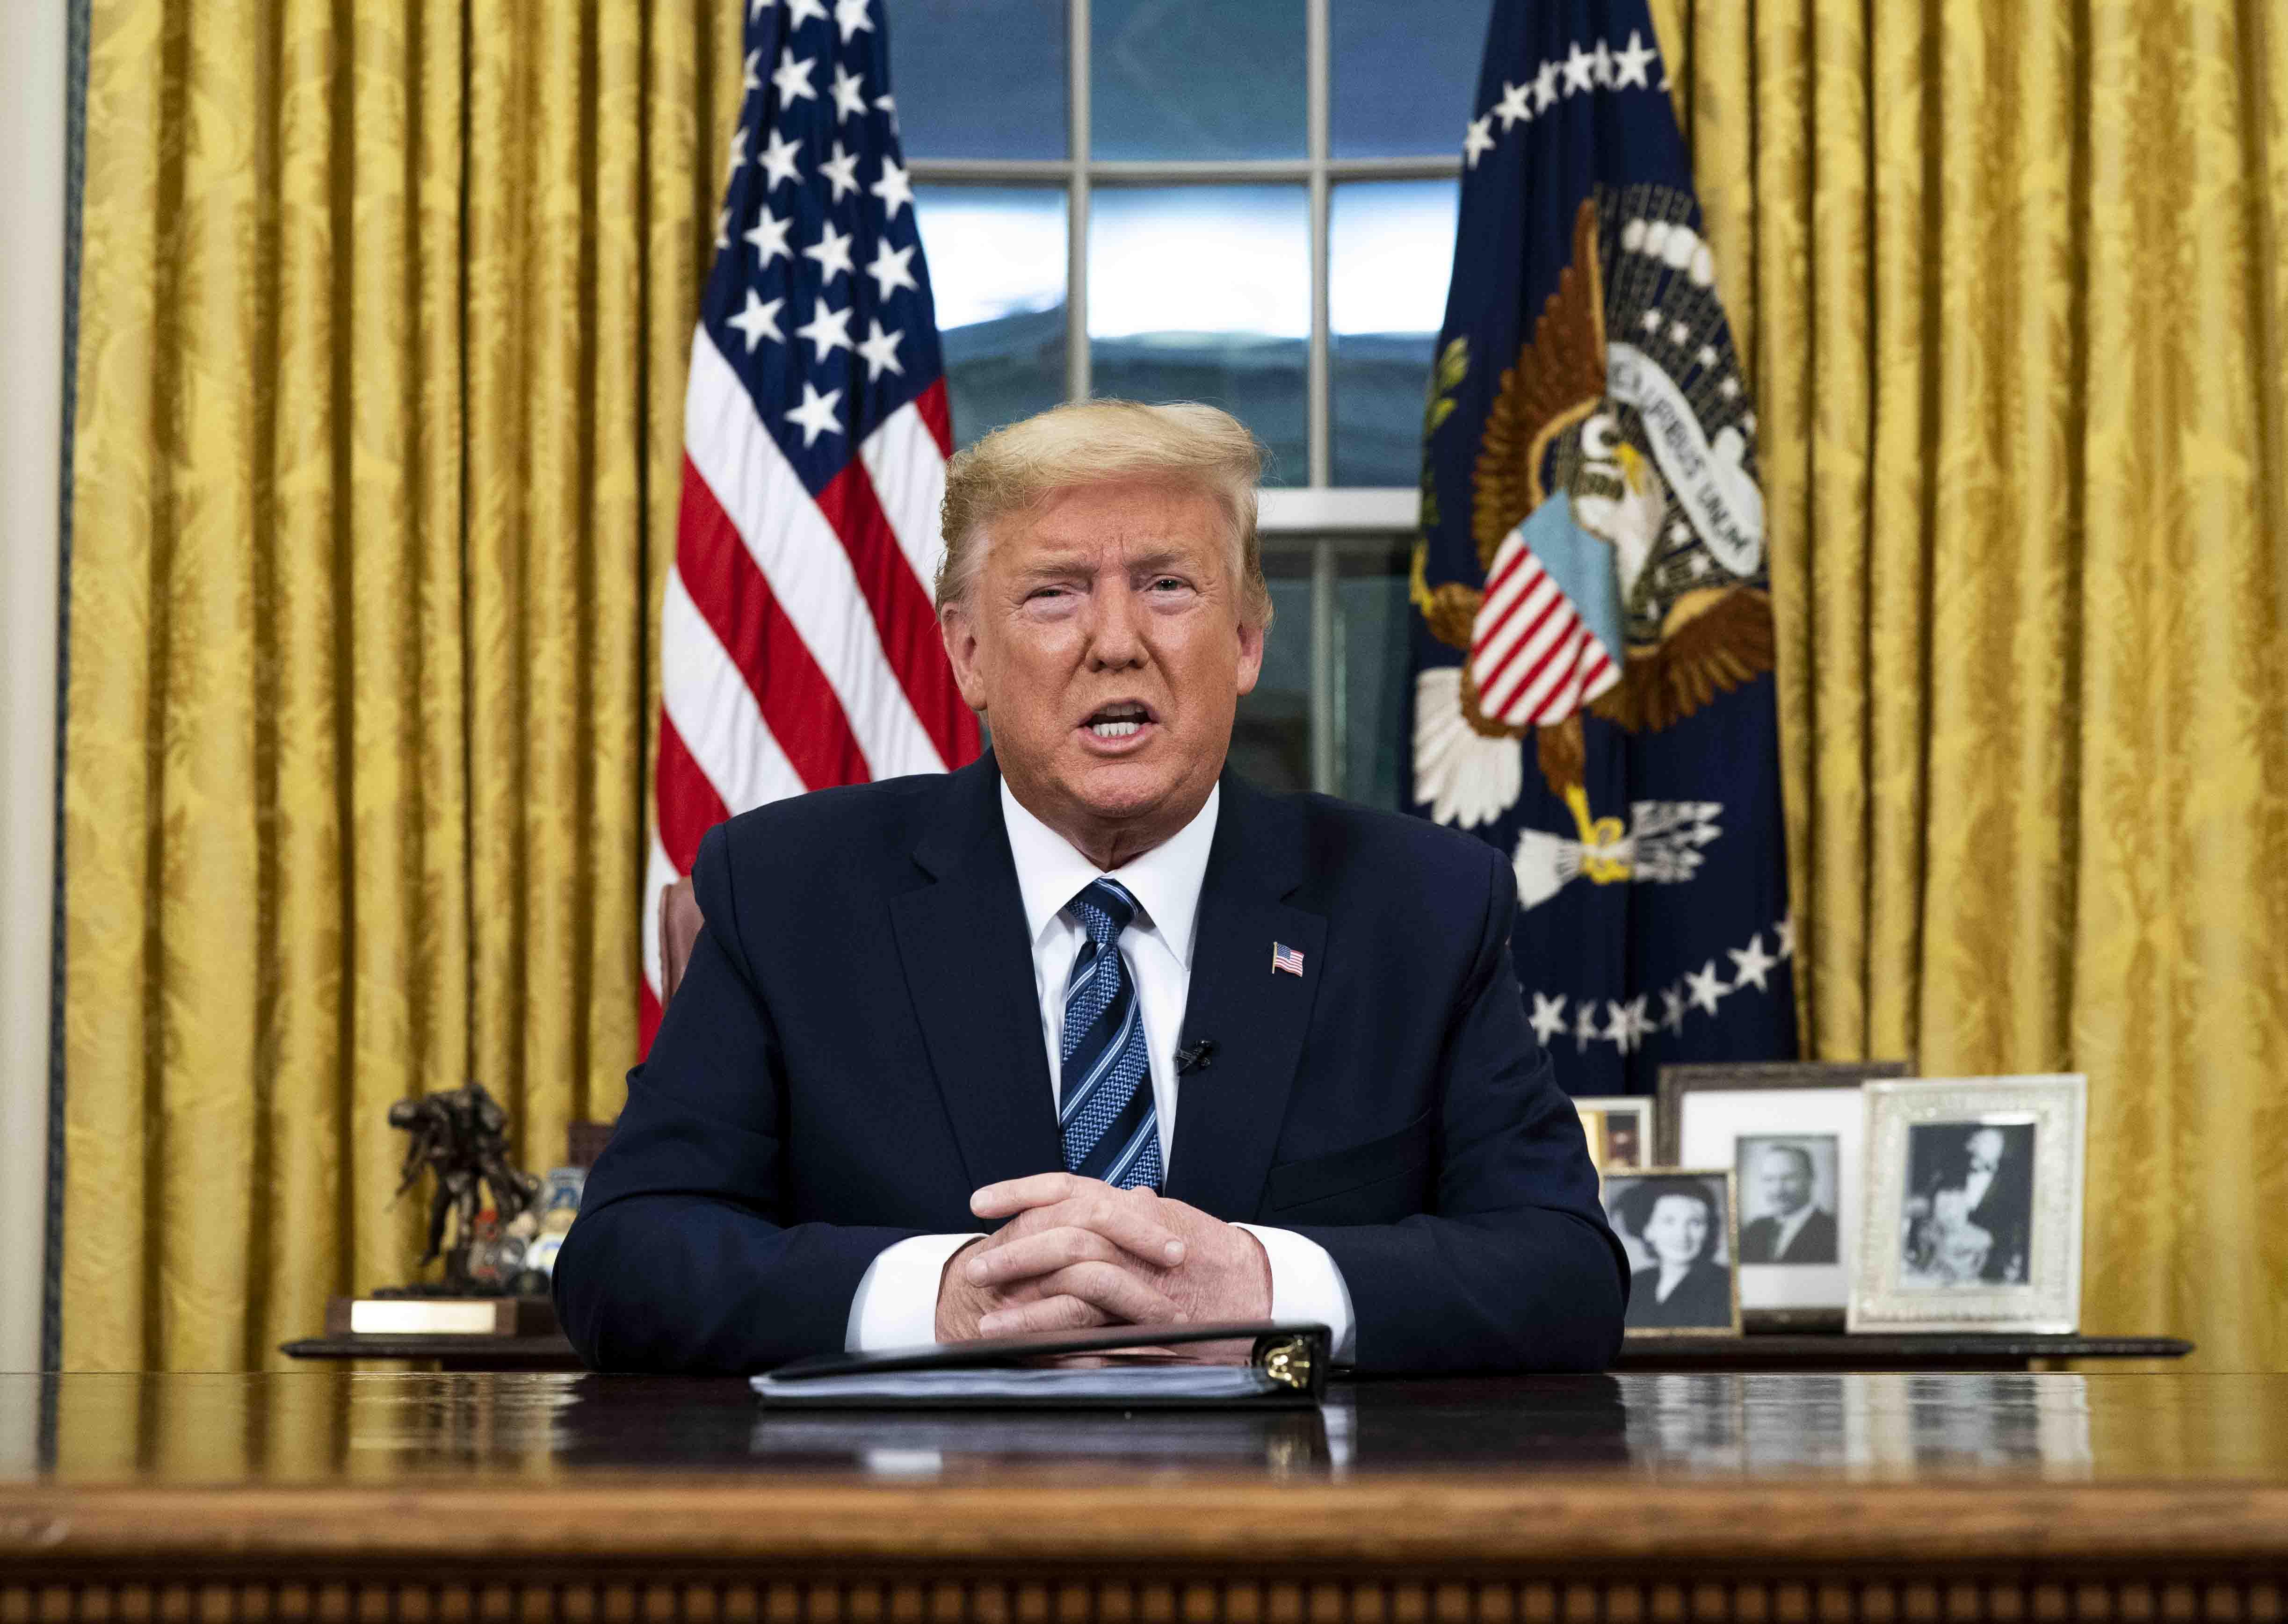 President Trump Addresses Nation From White House On Coronavirus